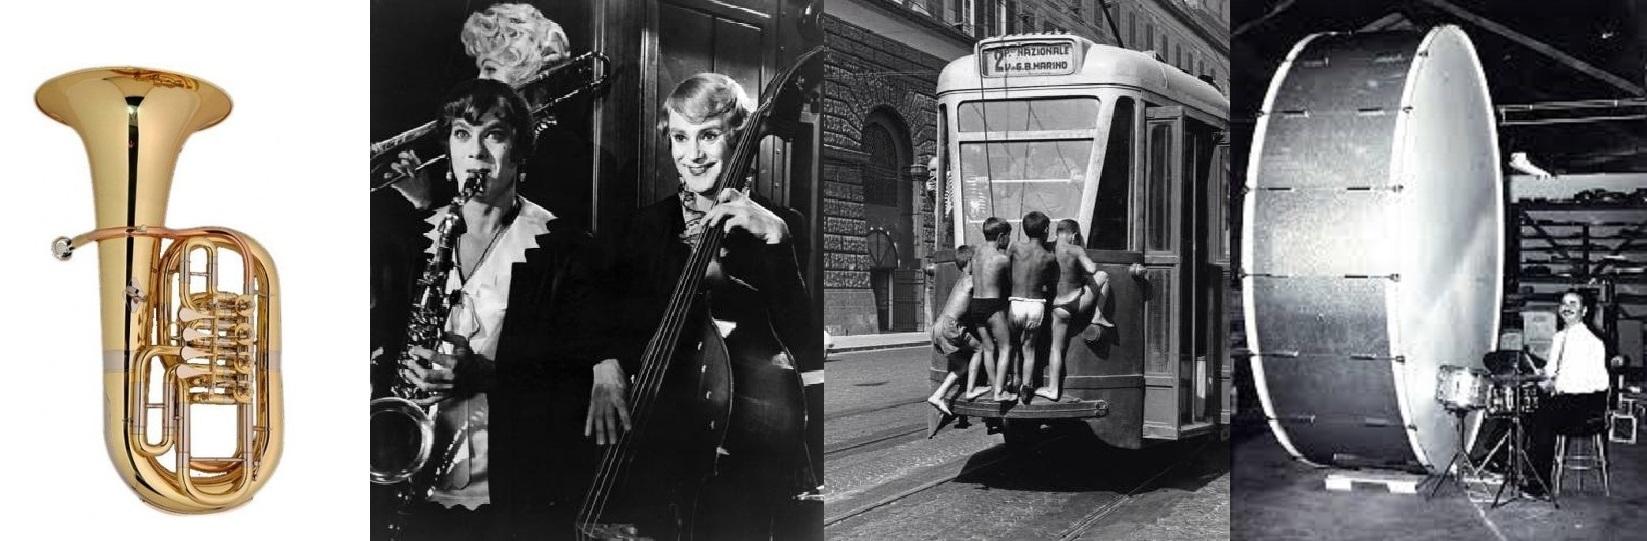 Dura vita di un musicista, anche se amatoriale, in un condominio!